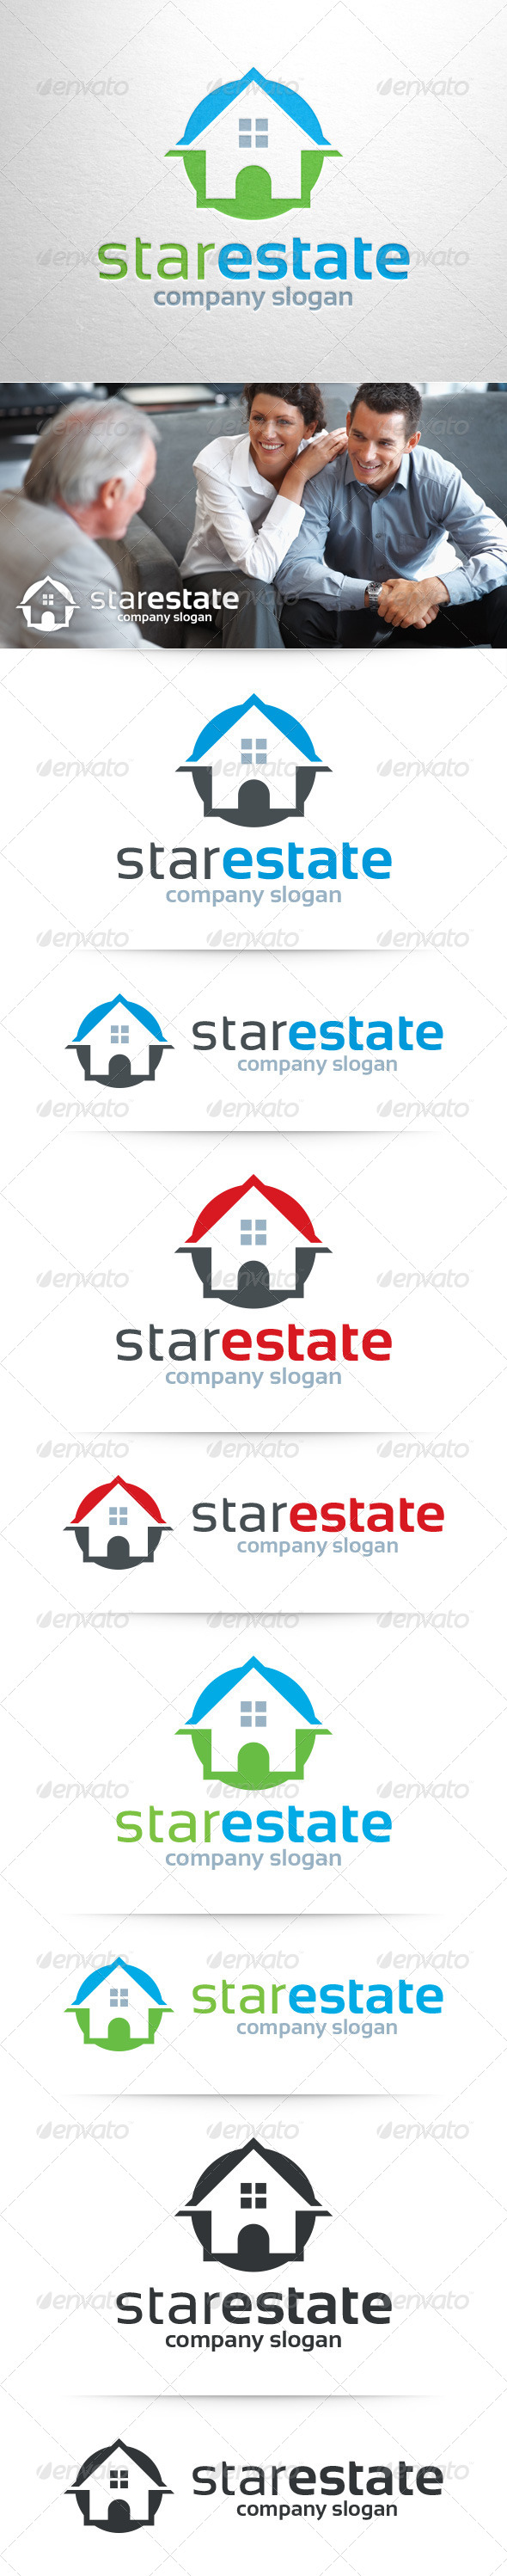 GraphicRiver Star Estate Logo Template 8428942